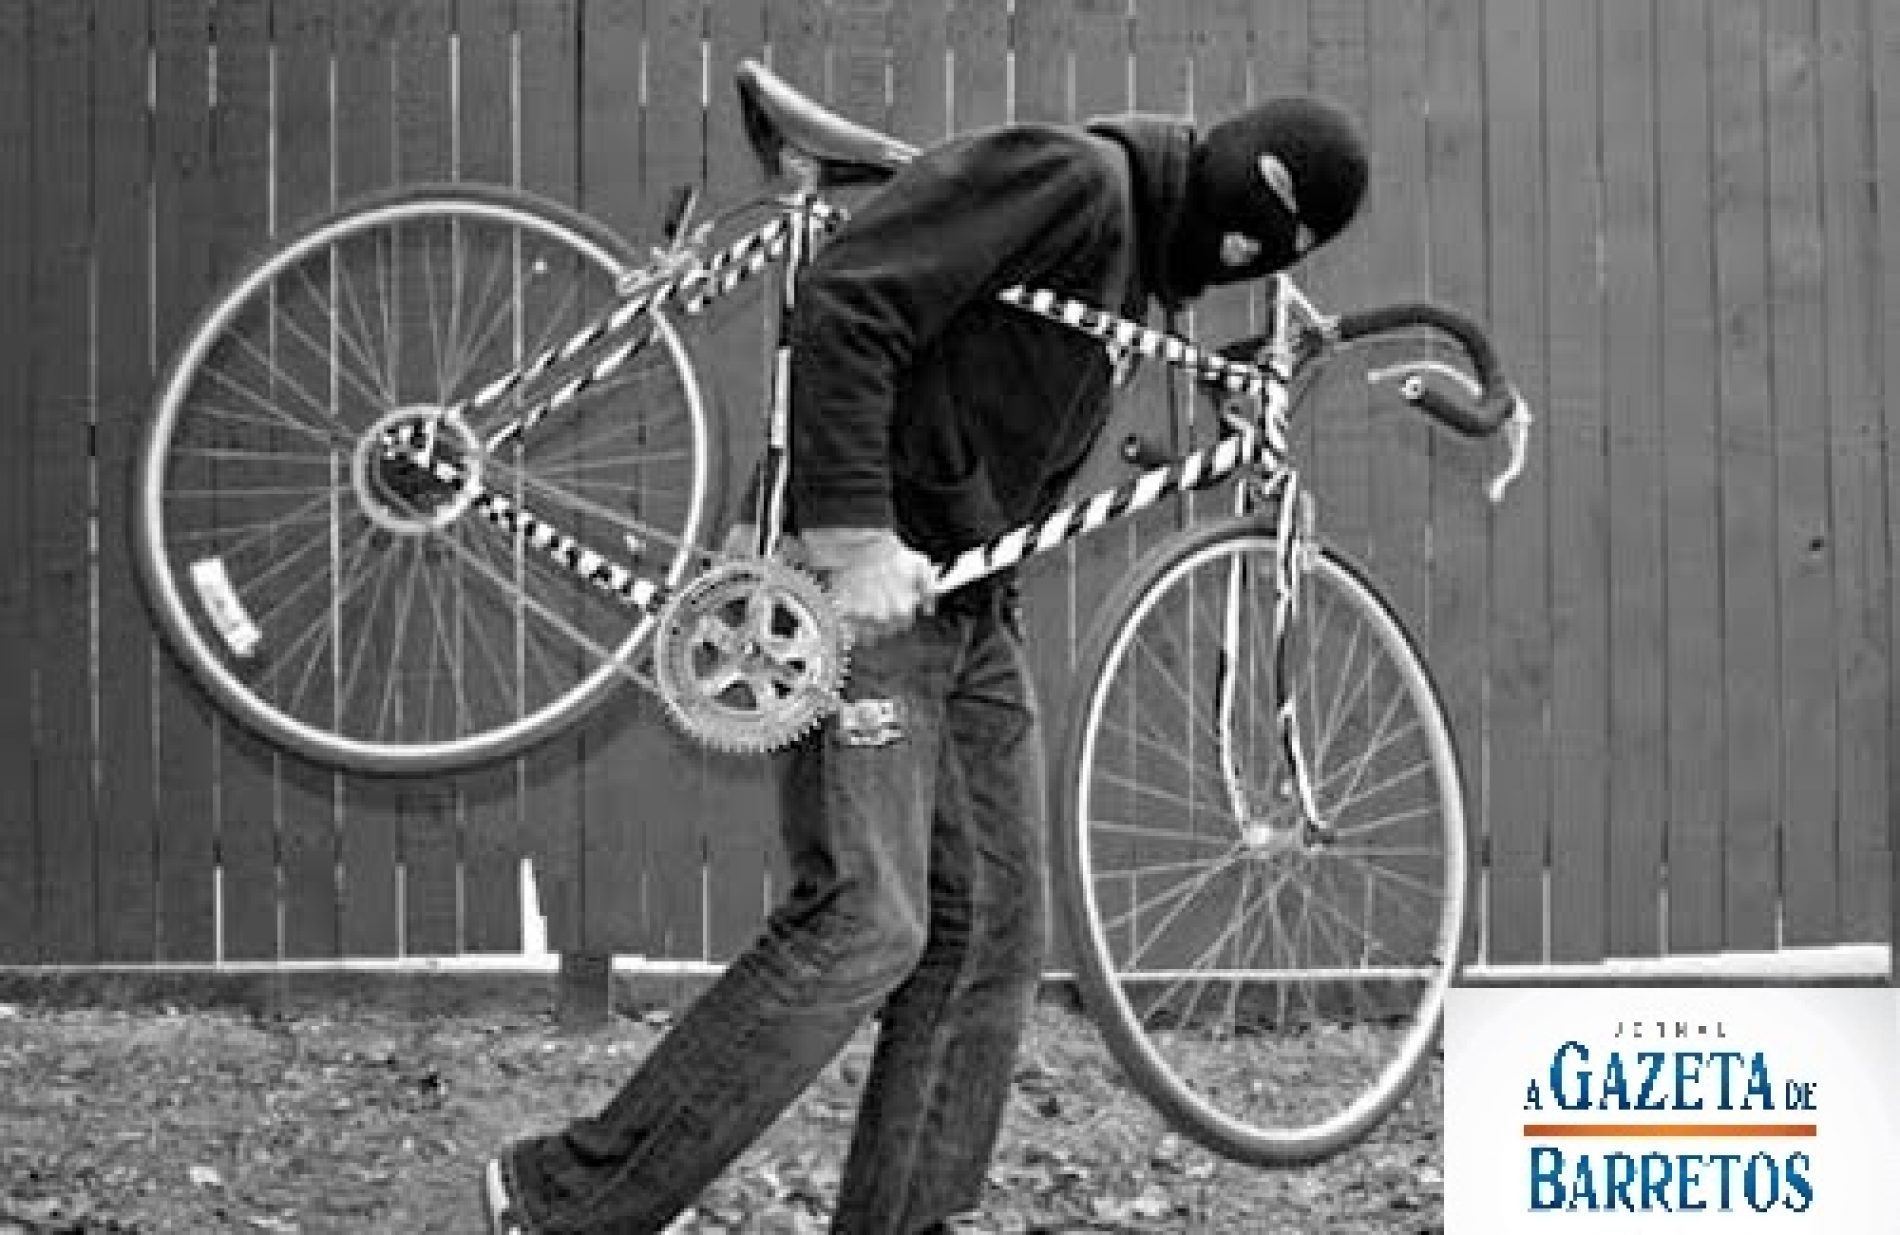 Câmera flagra ladrões furtando bicicletas em residência